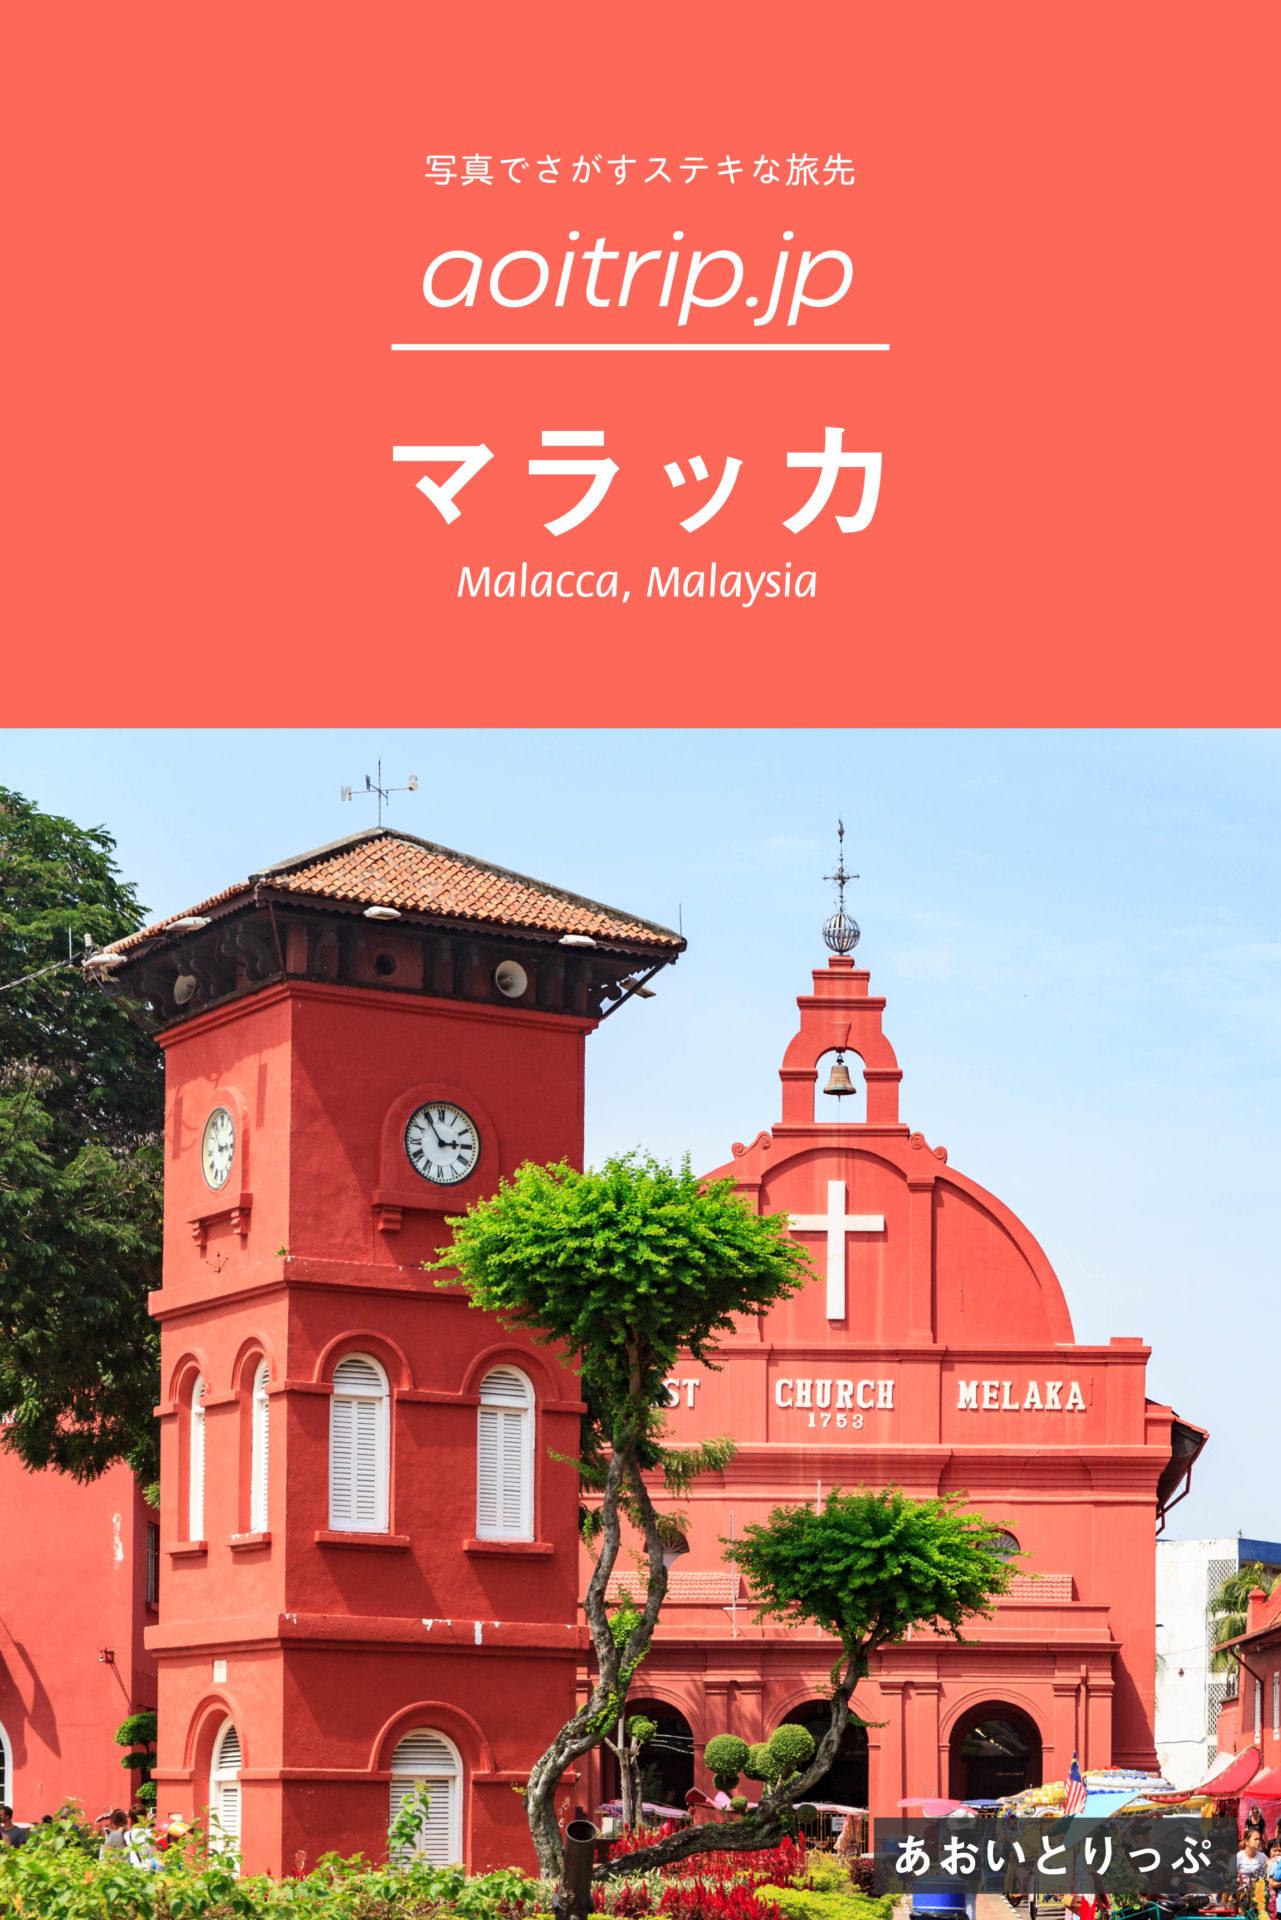 世界遺産マラッカ観光 海上交易の要衝を巡る… Malacca, Malaysia